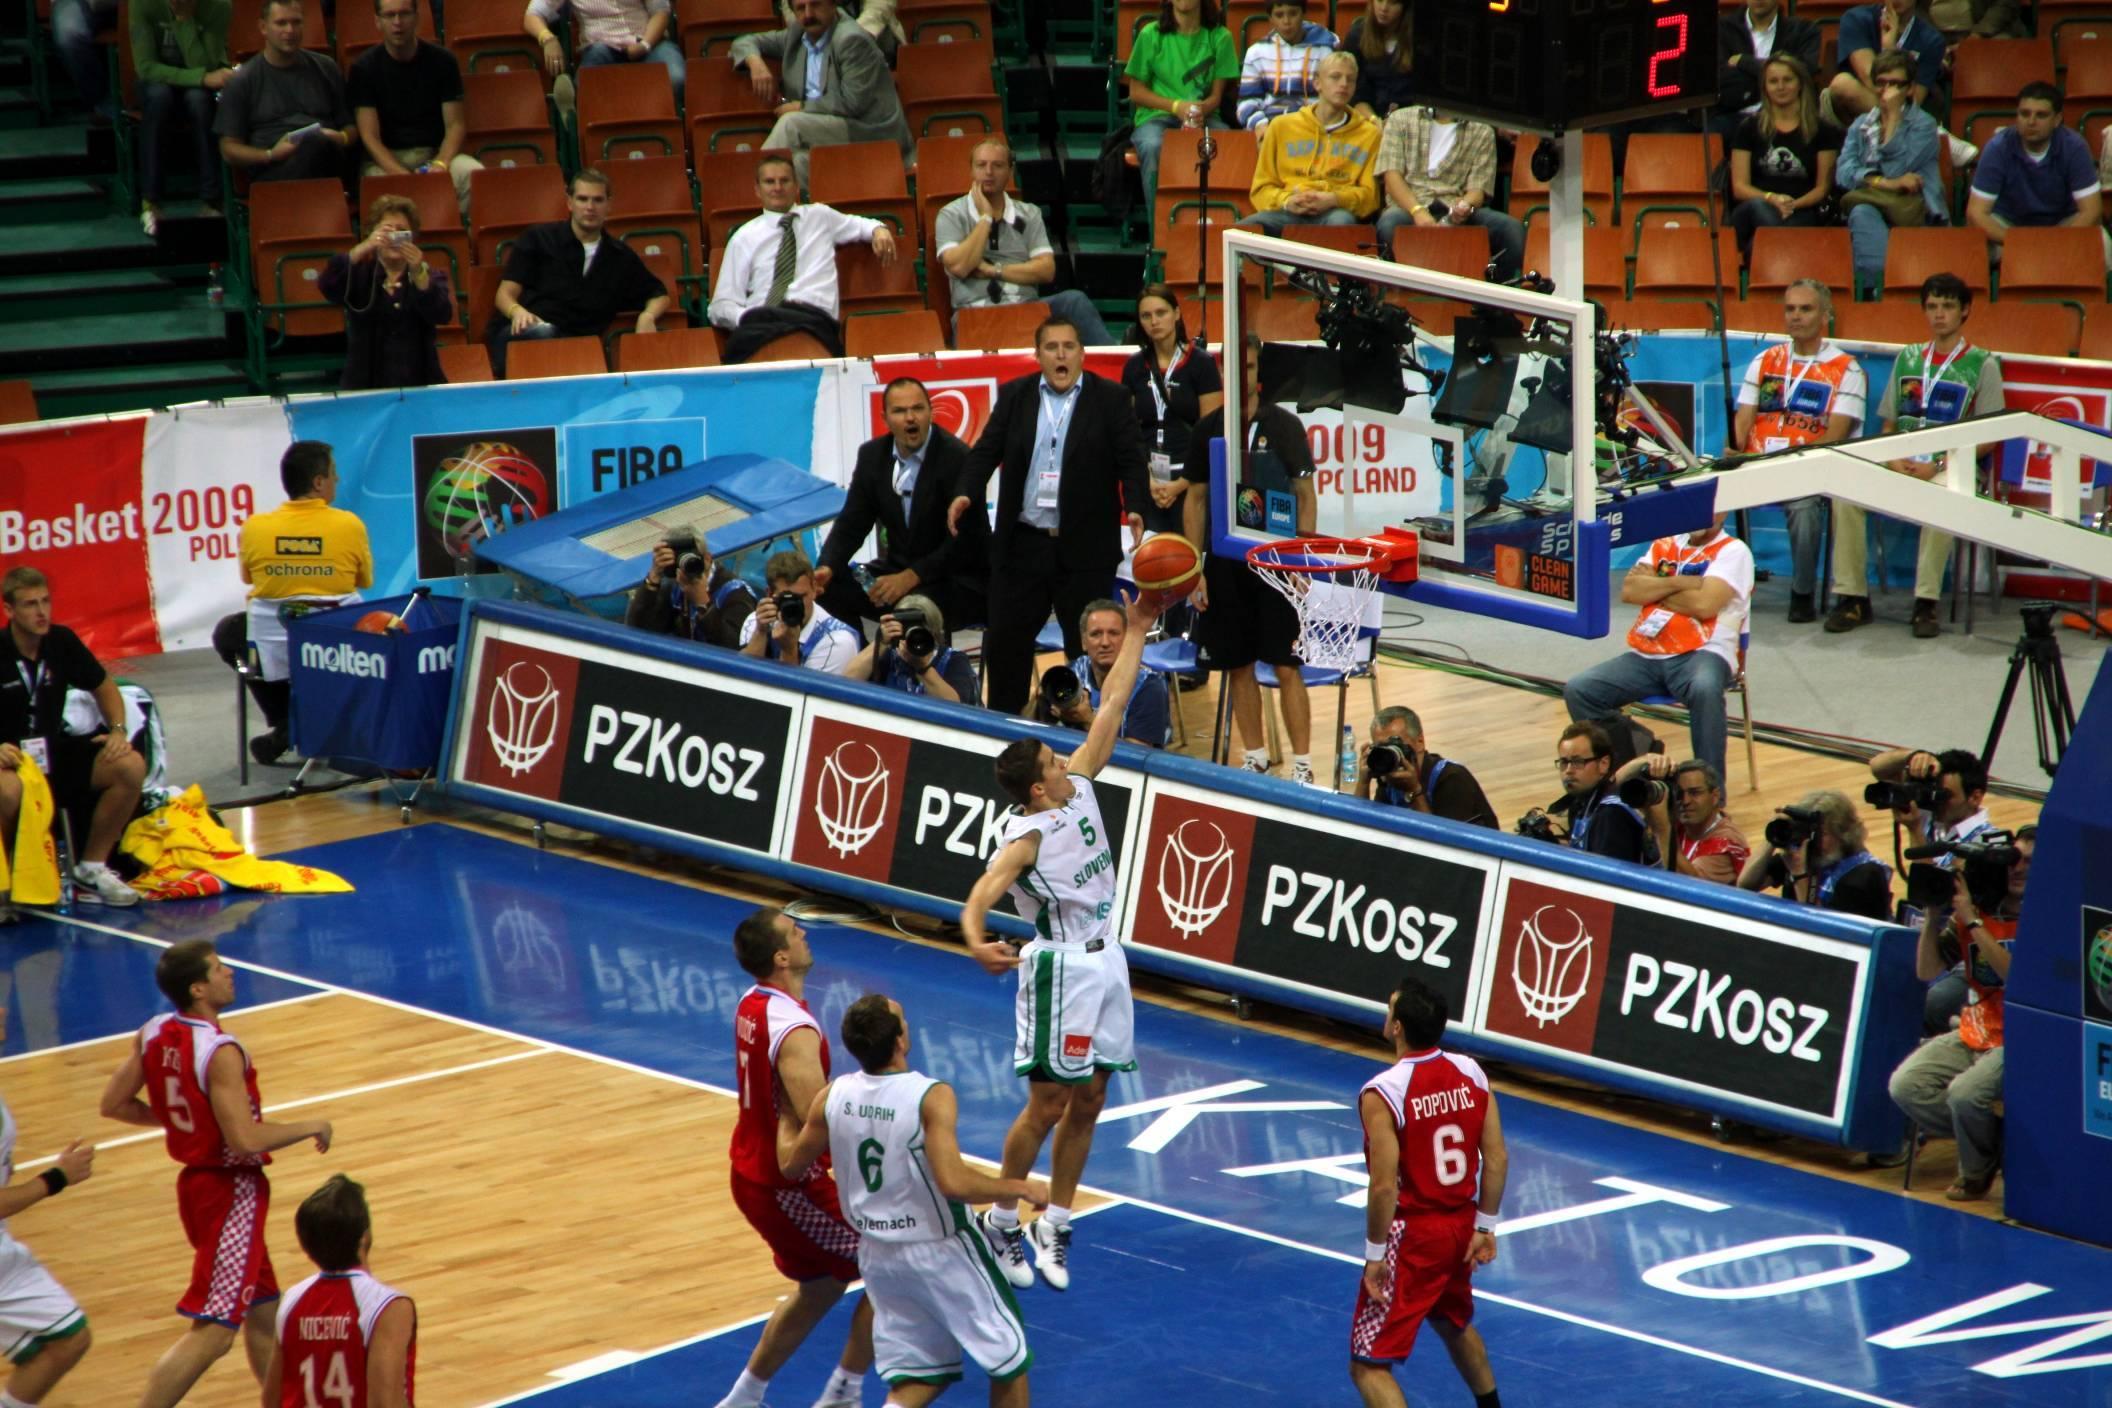 Eurobasket's first preliminary round begins